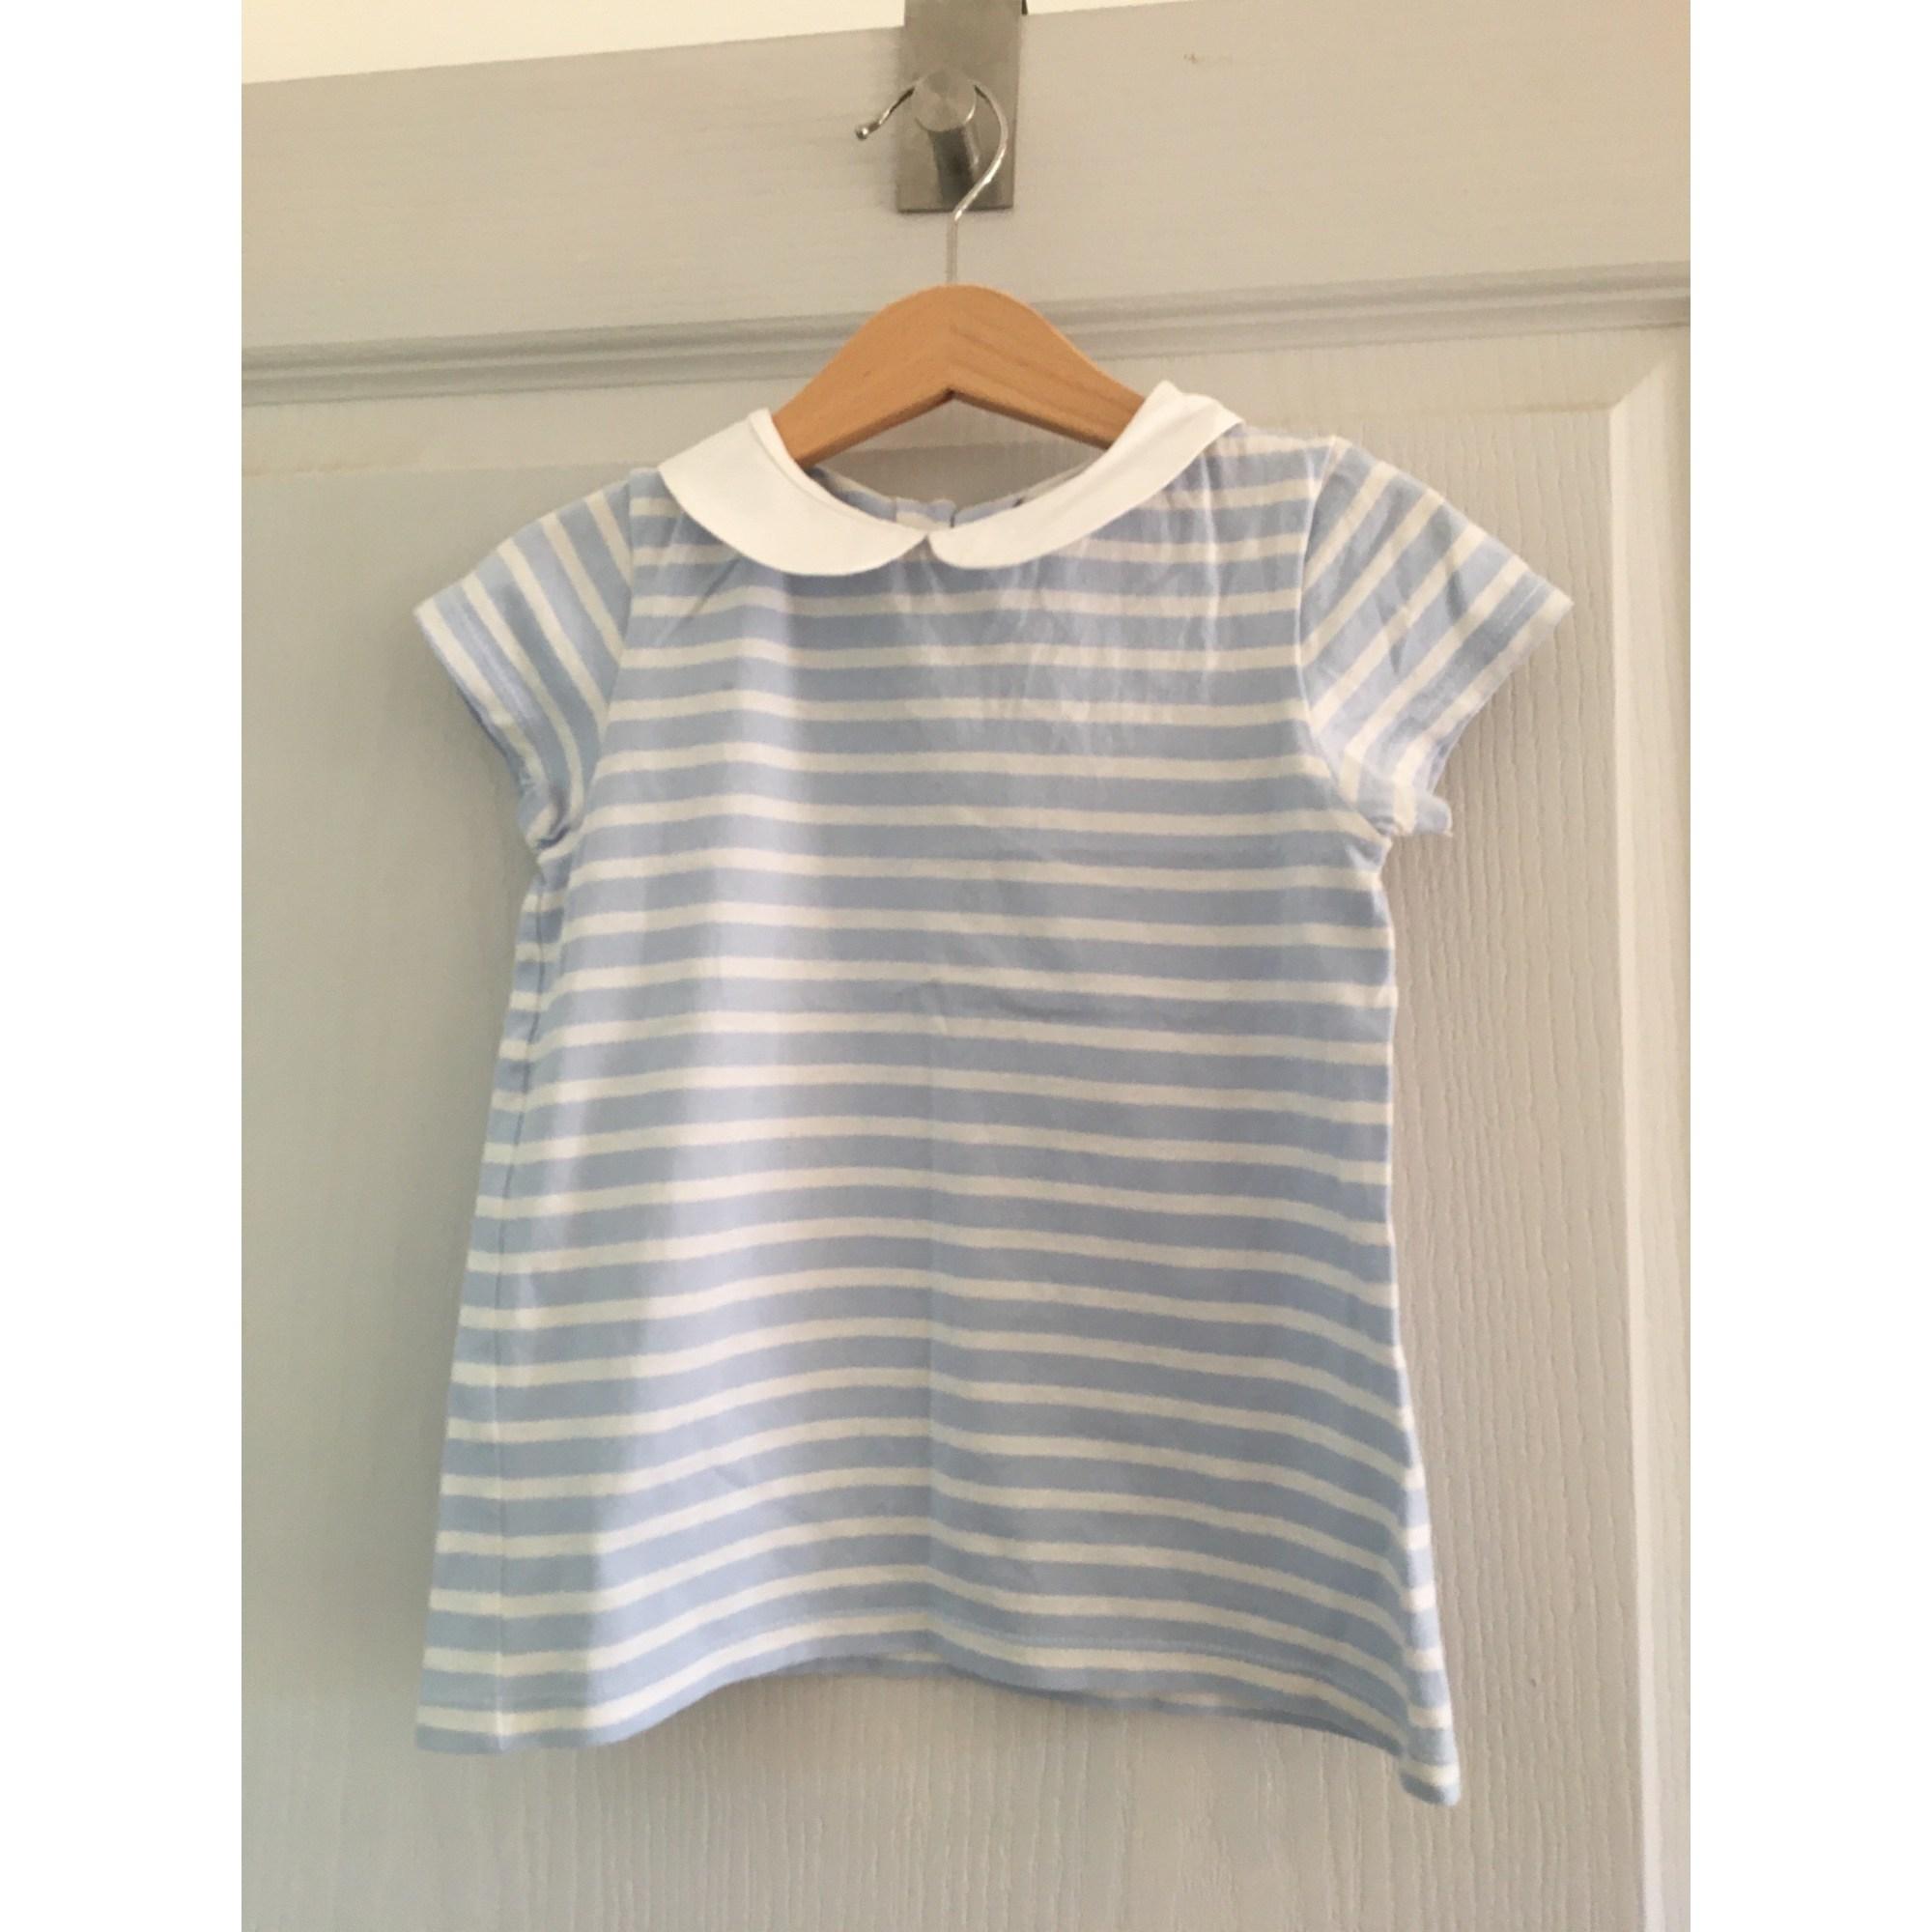 Top, Tee-shirt JACADI Bleu, bleu marine, bleu turquoise